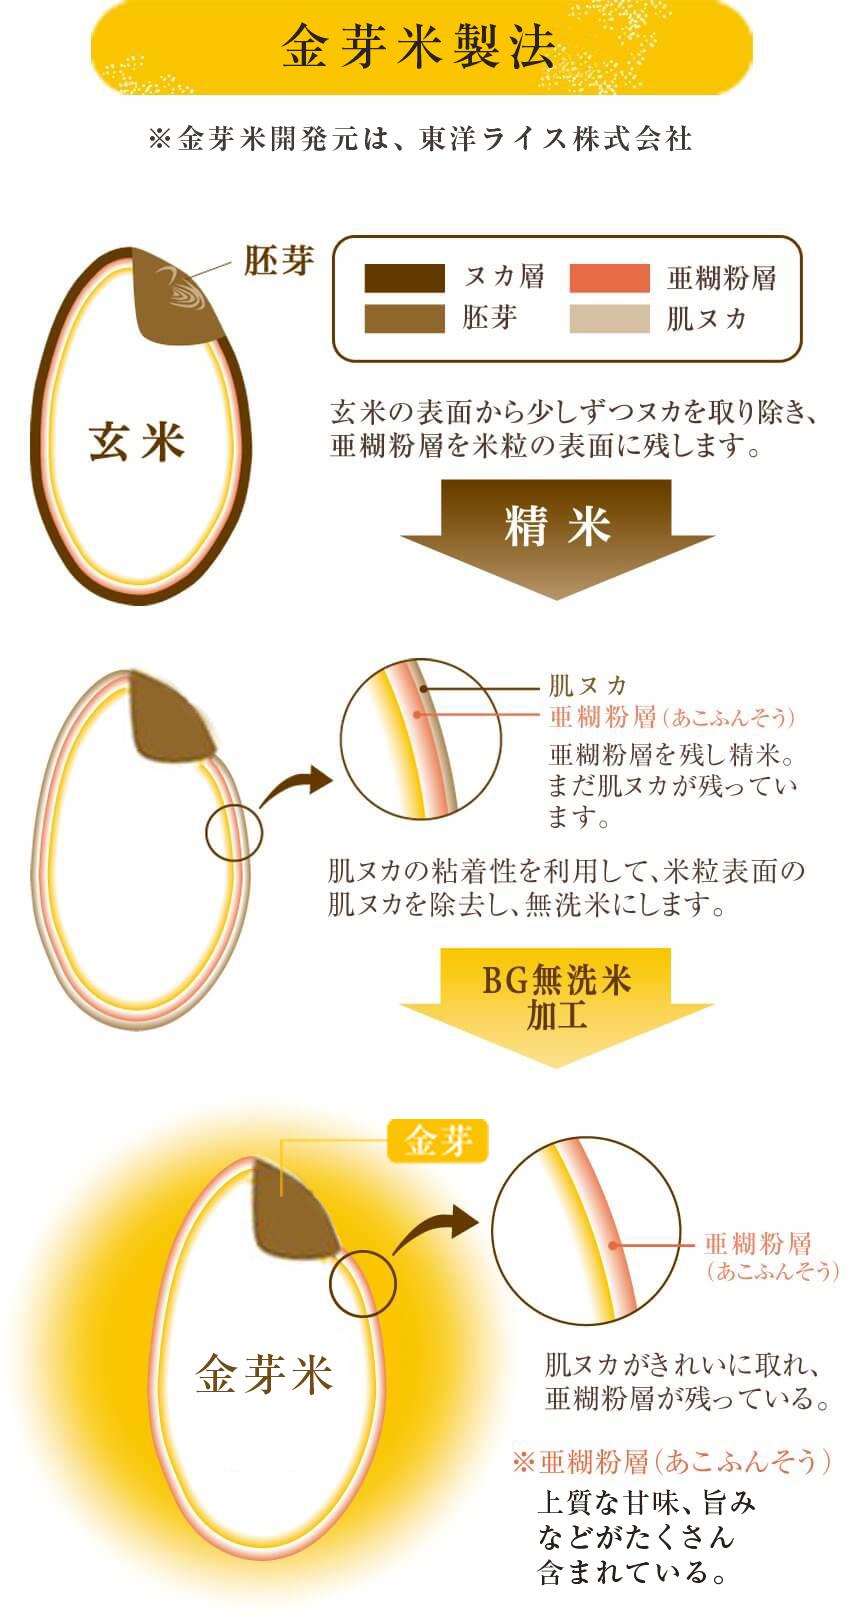 金芽米製法